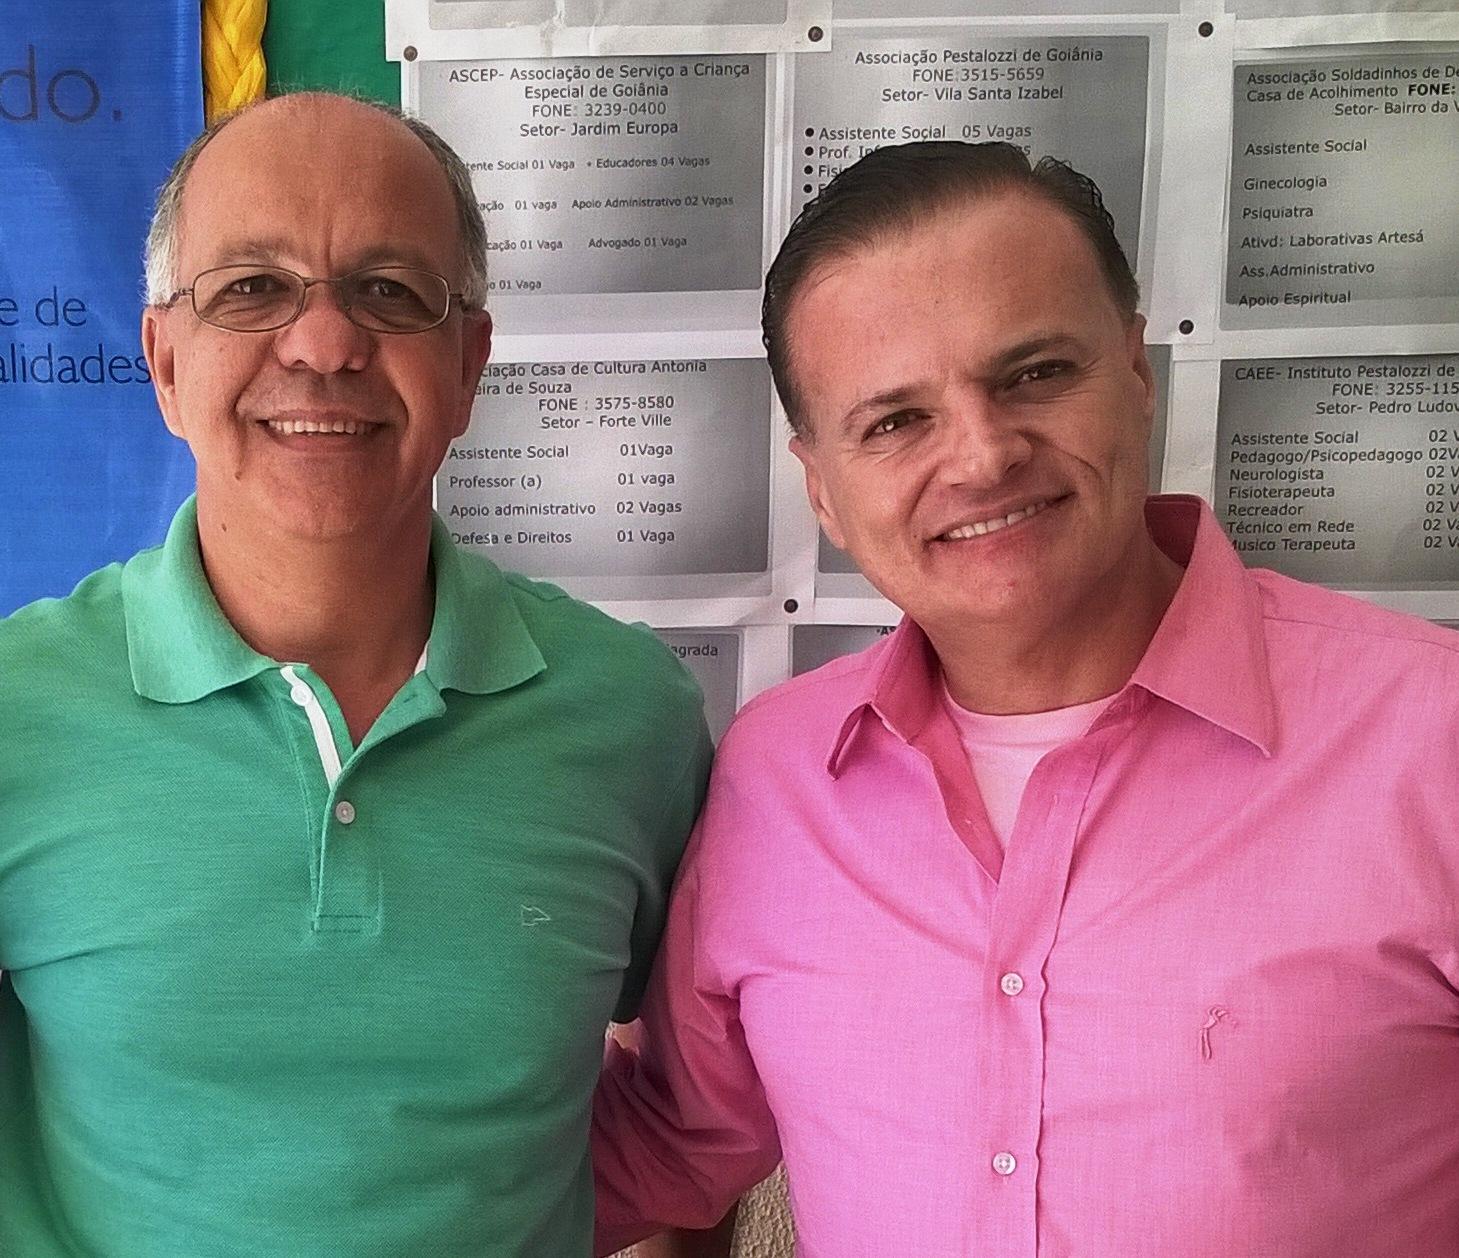 CGV - Palestra 16-06-2015 - Goiânia